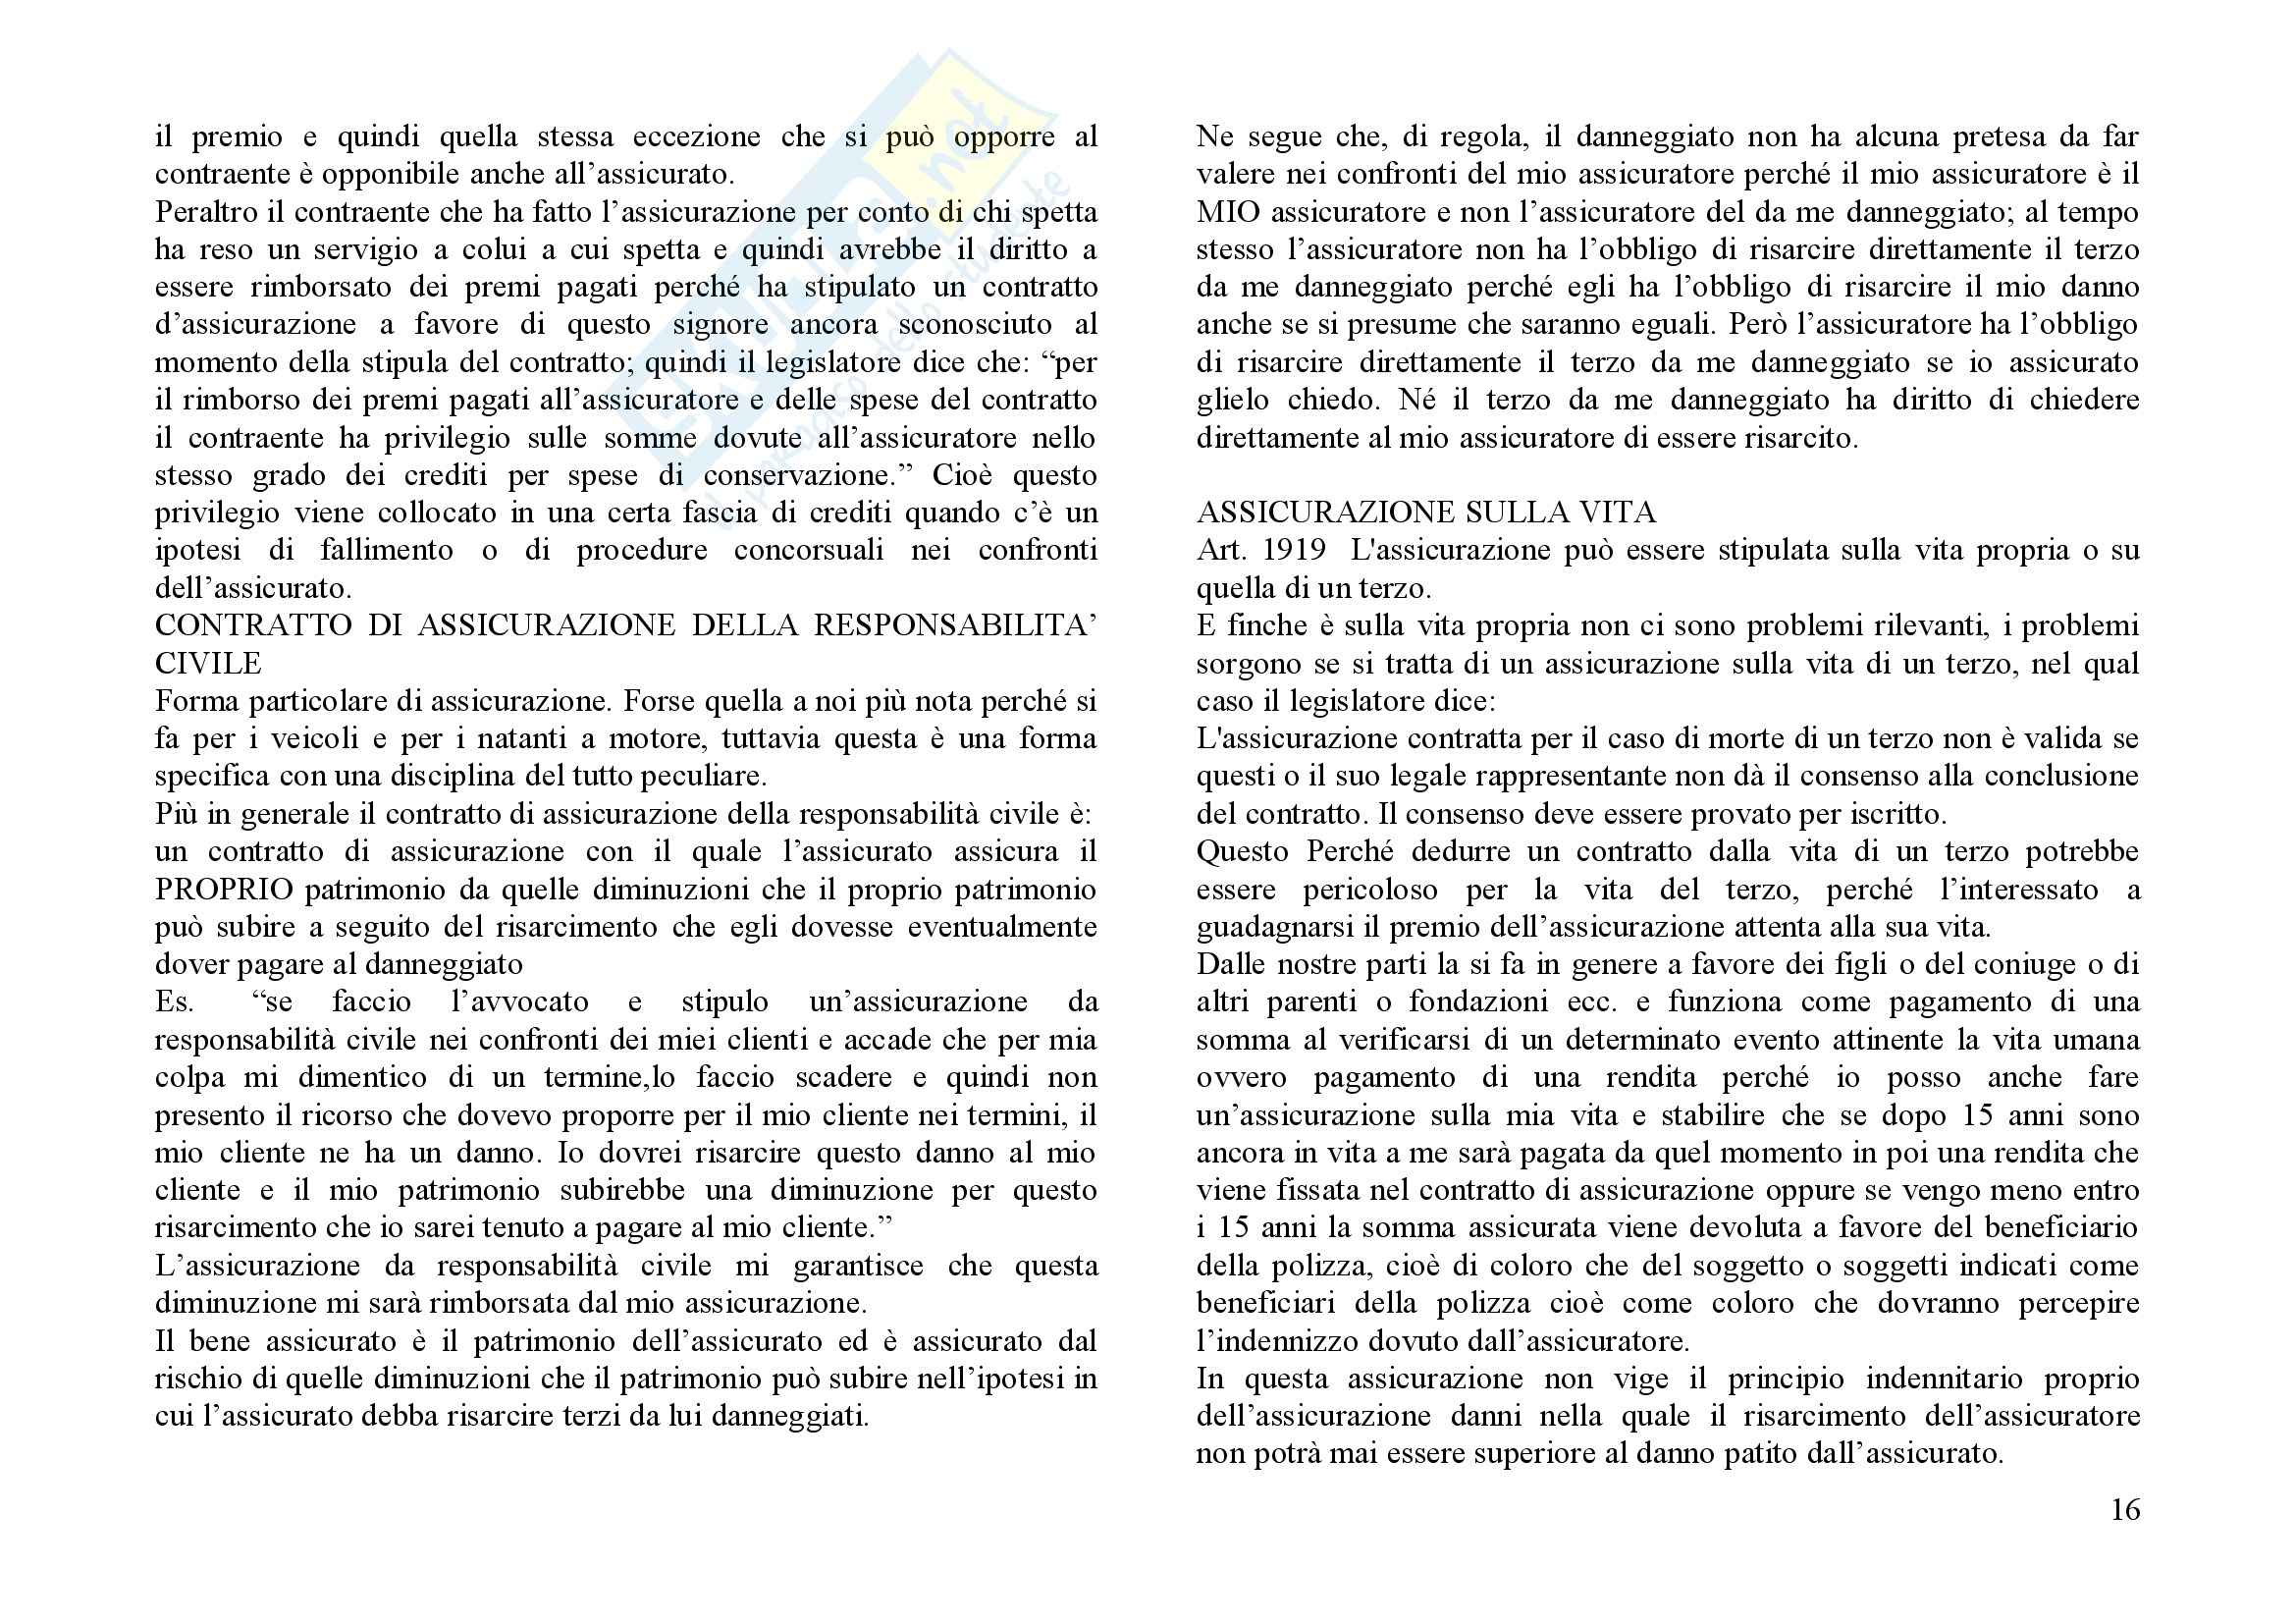 Manuale di diritto commerciale, Graziani, Minervini - Appunti Pag. 16